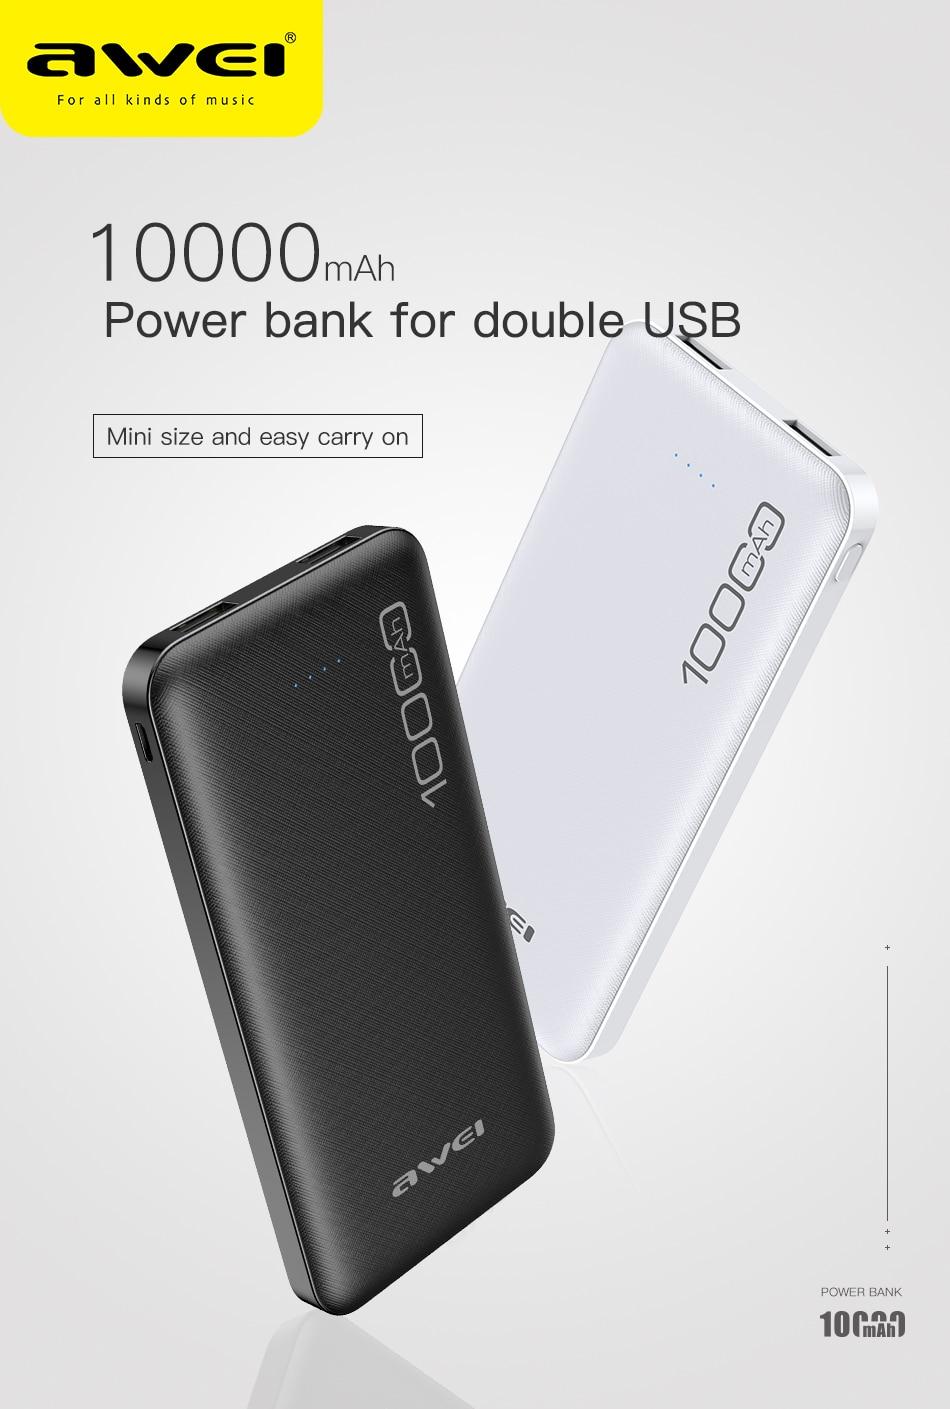 Ip28k poverbank 10000mah carregador portátil de carregamento